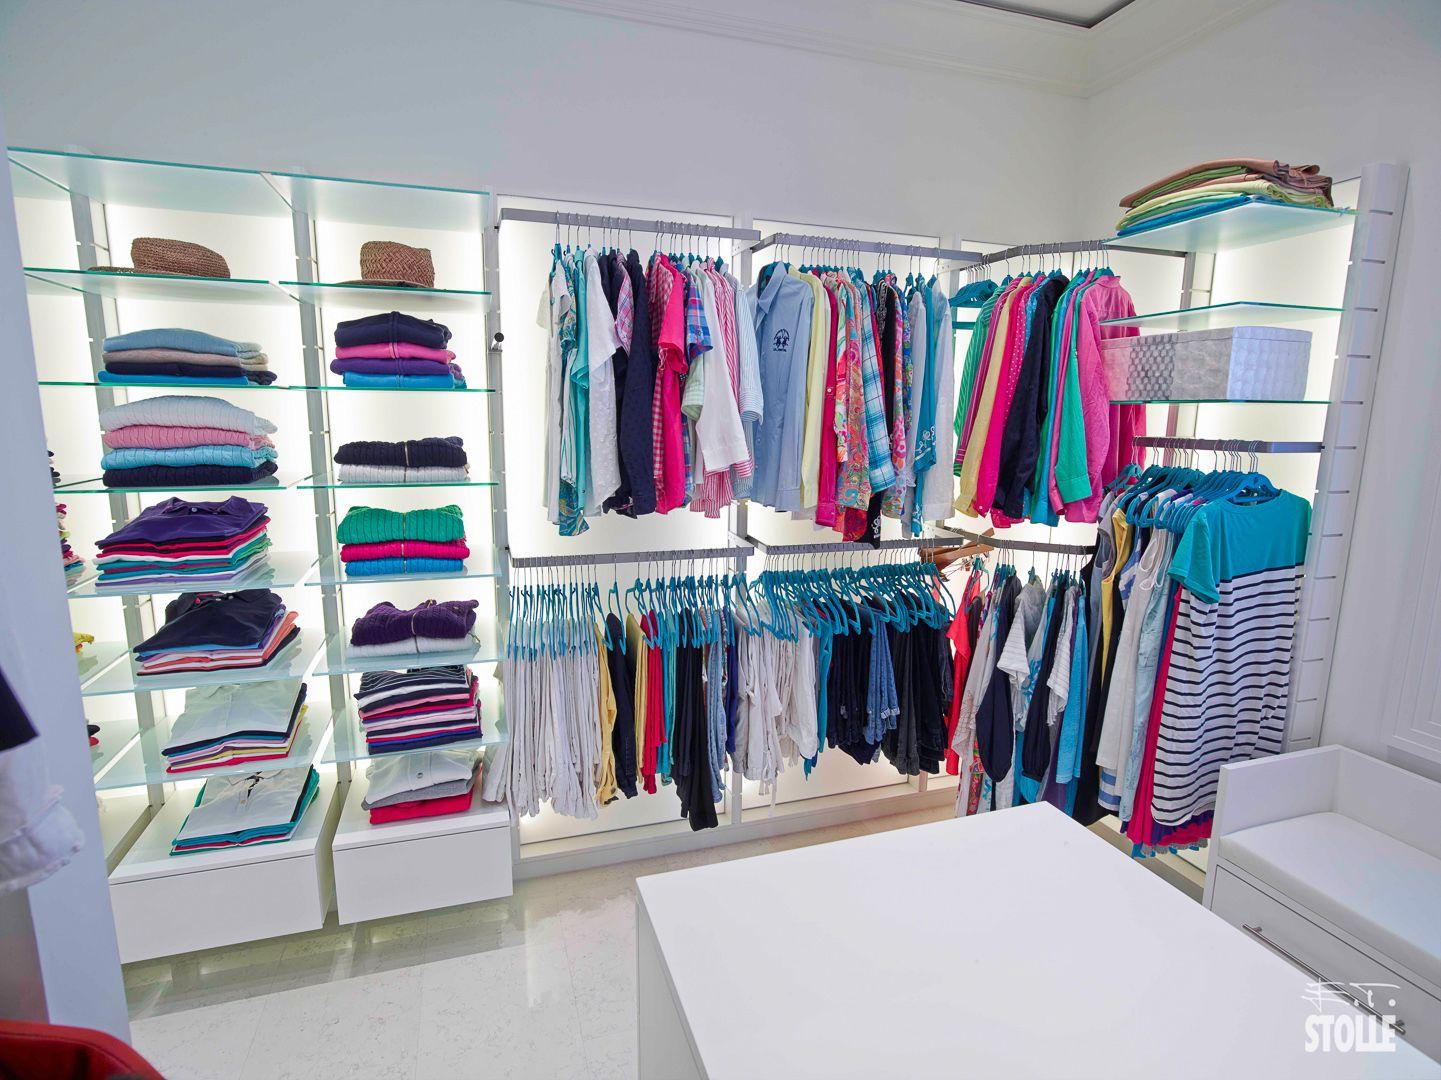 Ankleidezimmer Begehbarer Kleiderschrank Offener Kleiderschrank Schreinermob Begehbarer Kleiderschrank Regalsystem Begehbarer Kleiderschrank Ankleide Zimmer